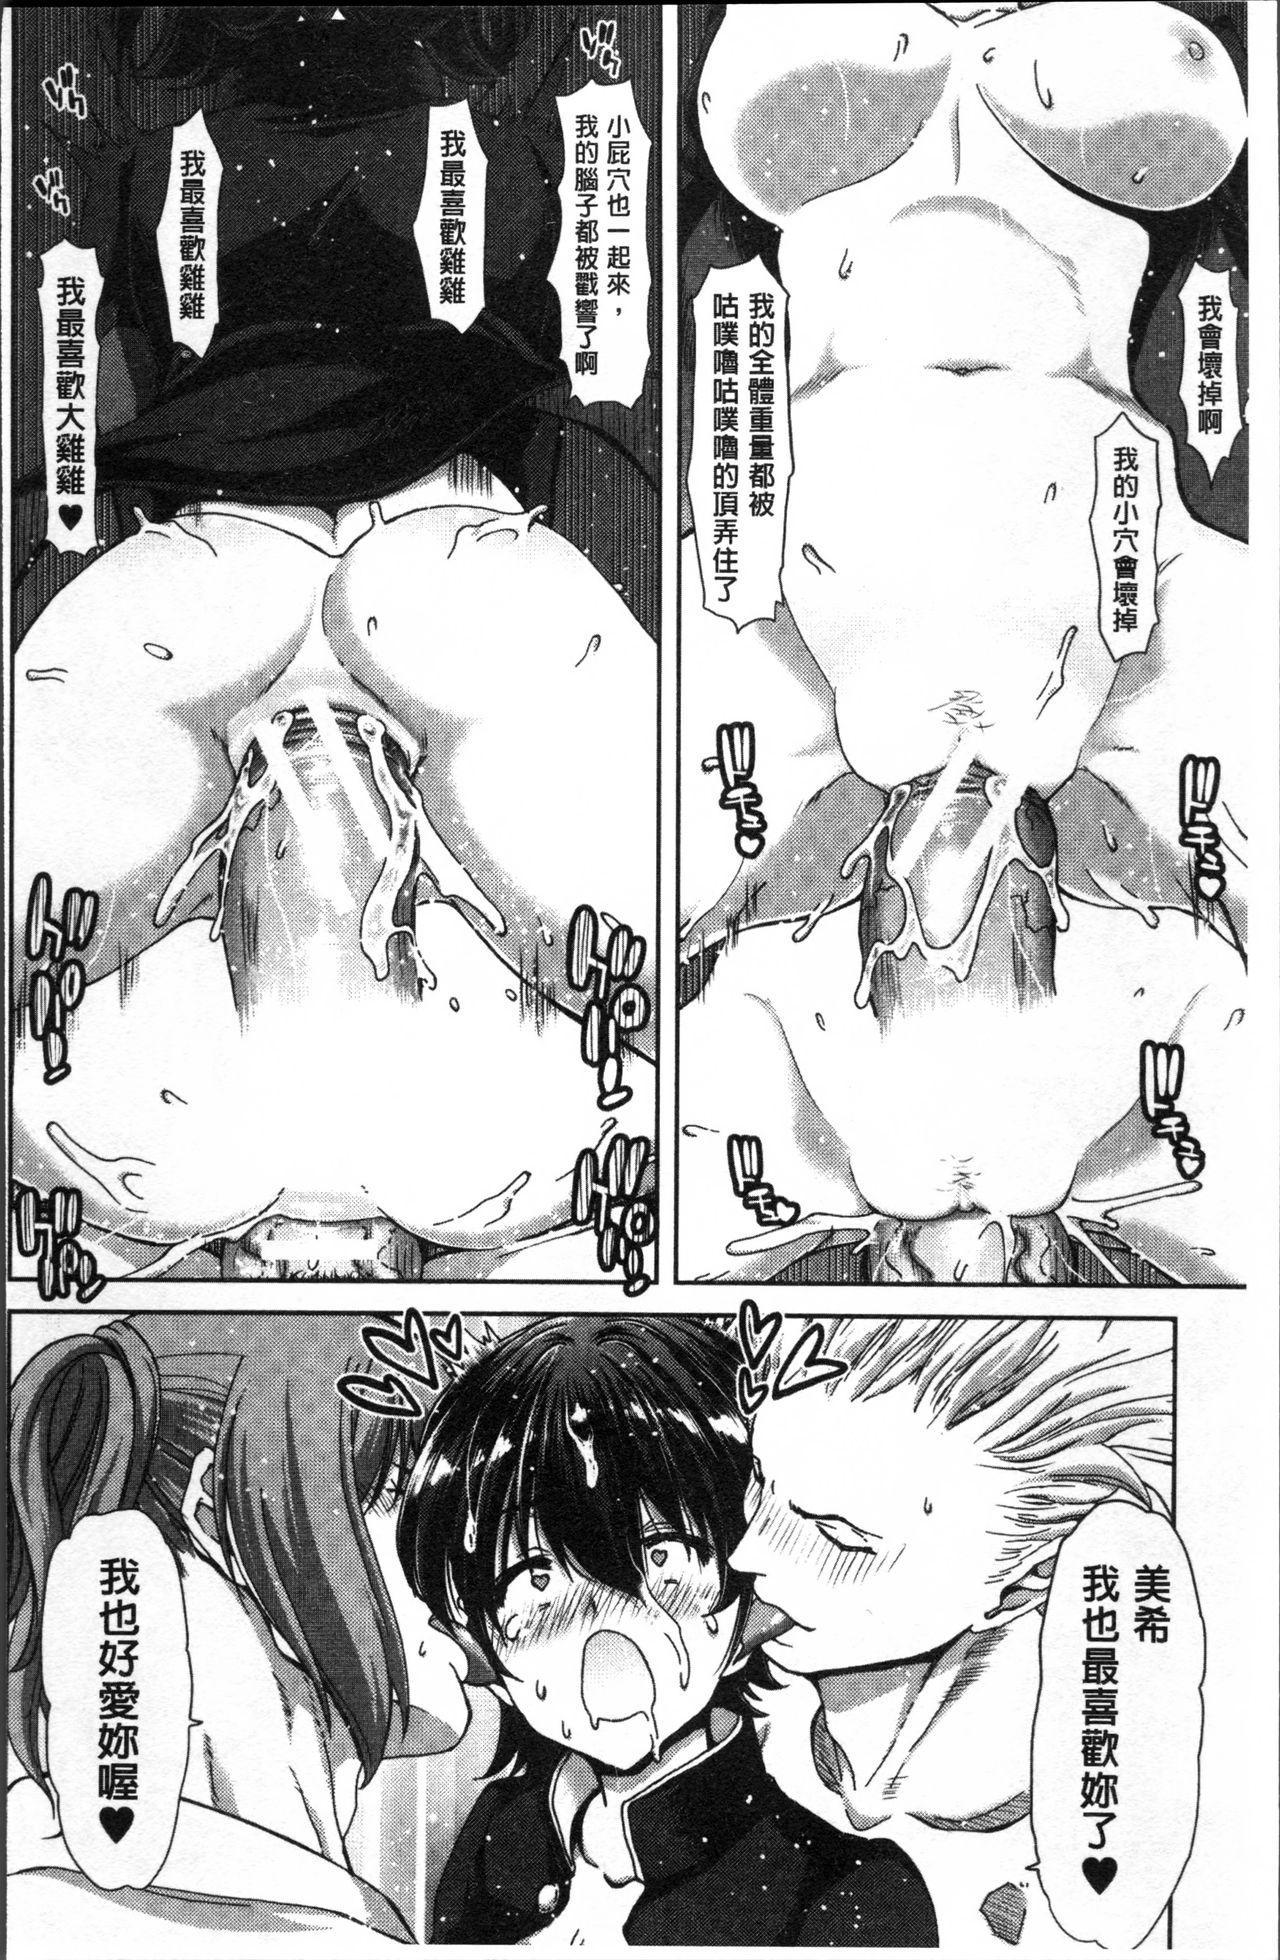 Imouto dakedo Oniichan, H Shiyo! H Shiyo! H Shiyou yo! 158